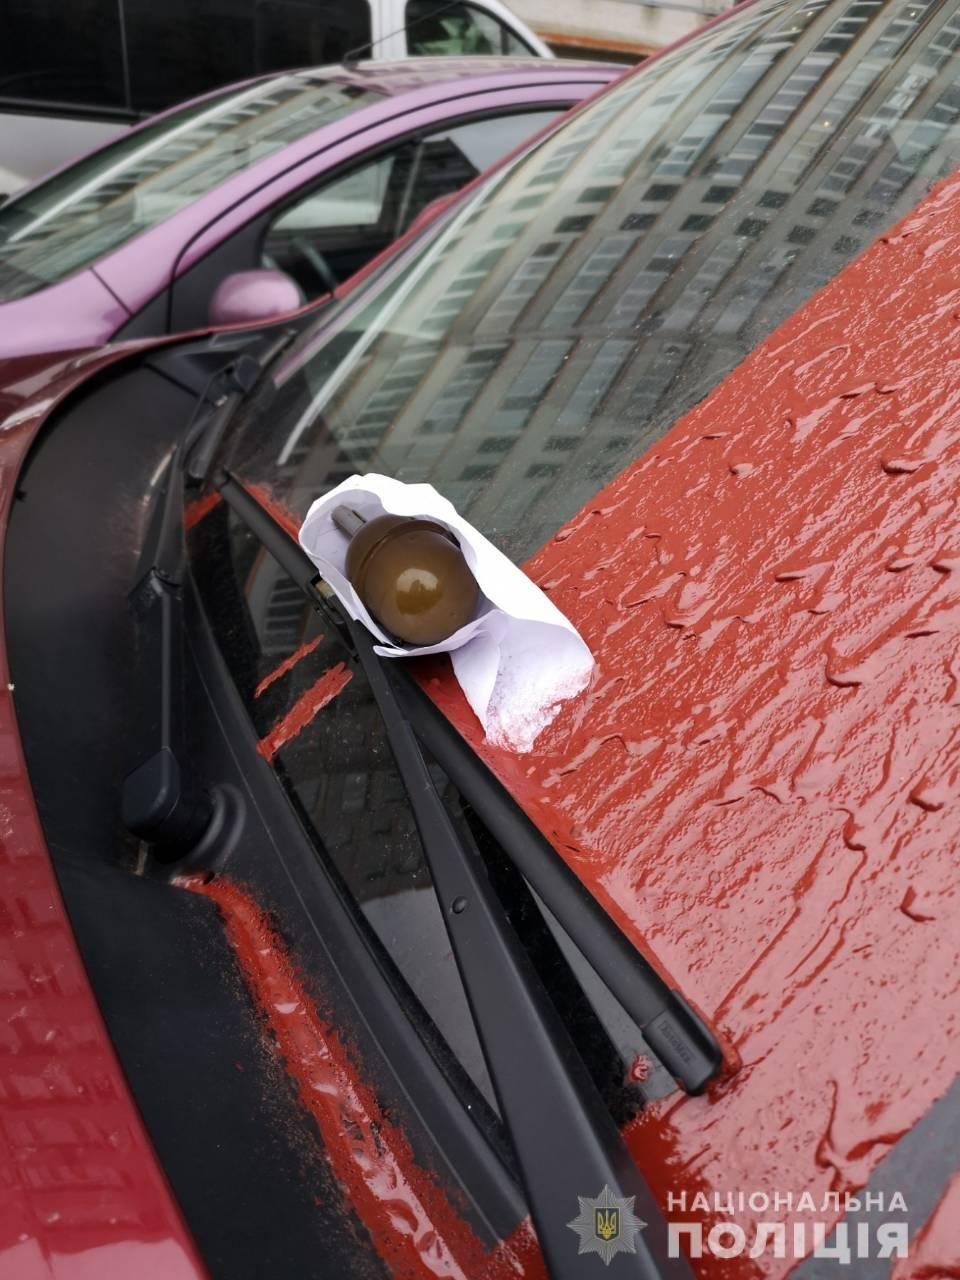 В Харькове неизвестные положили боевую гранату на лобовое стекло припаркованного авто, - ФОТО, фото-1